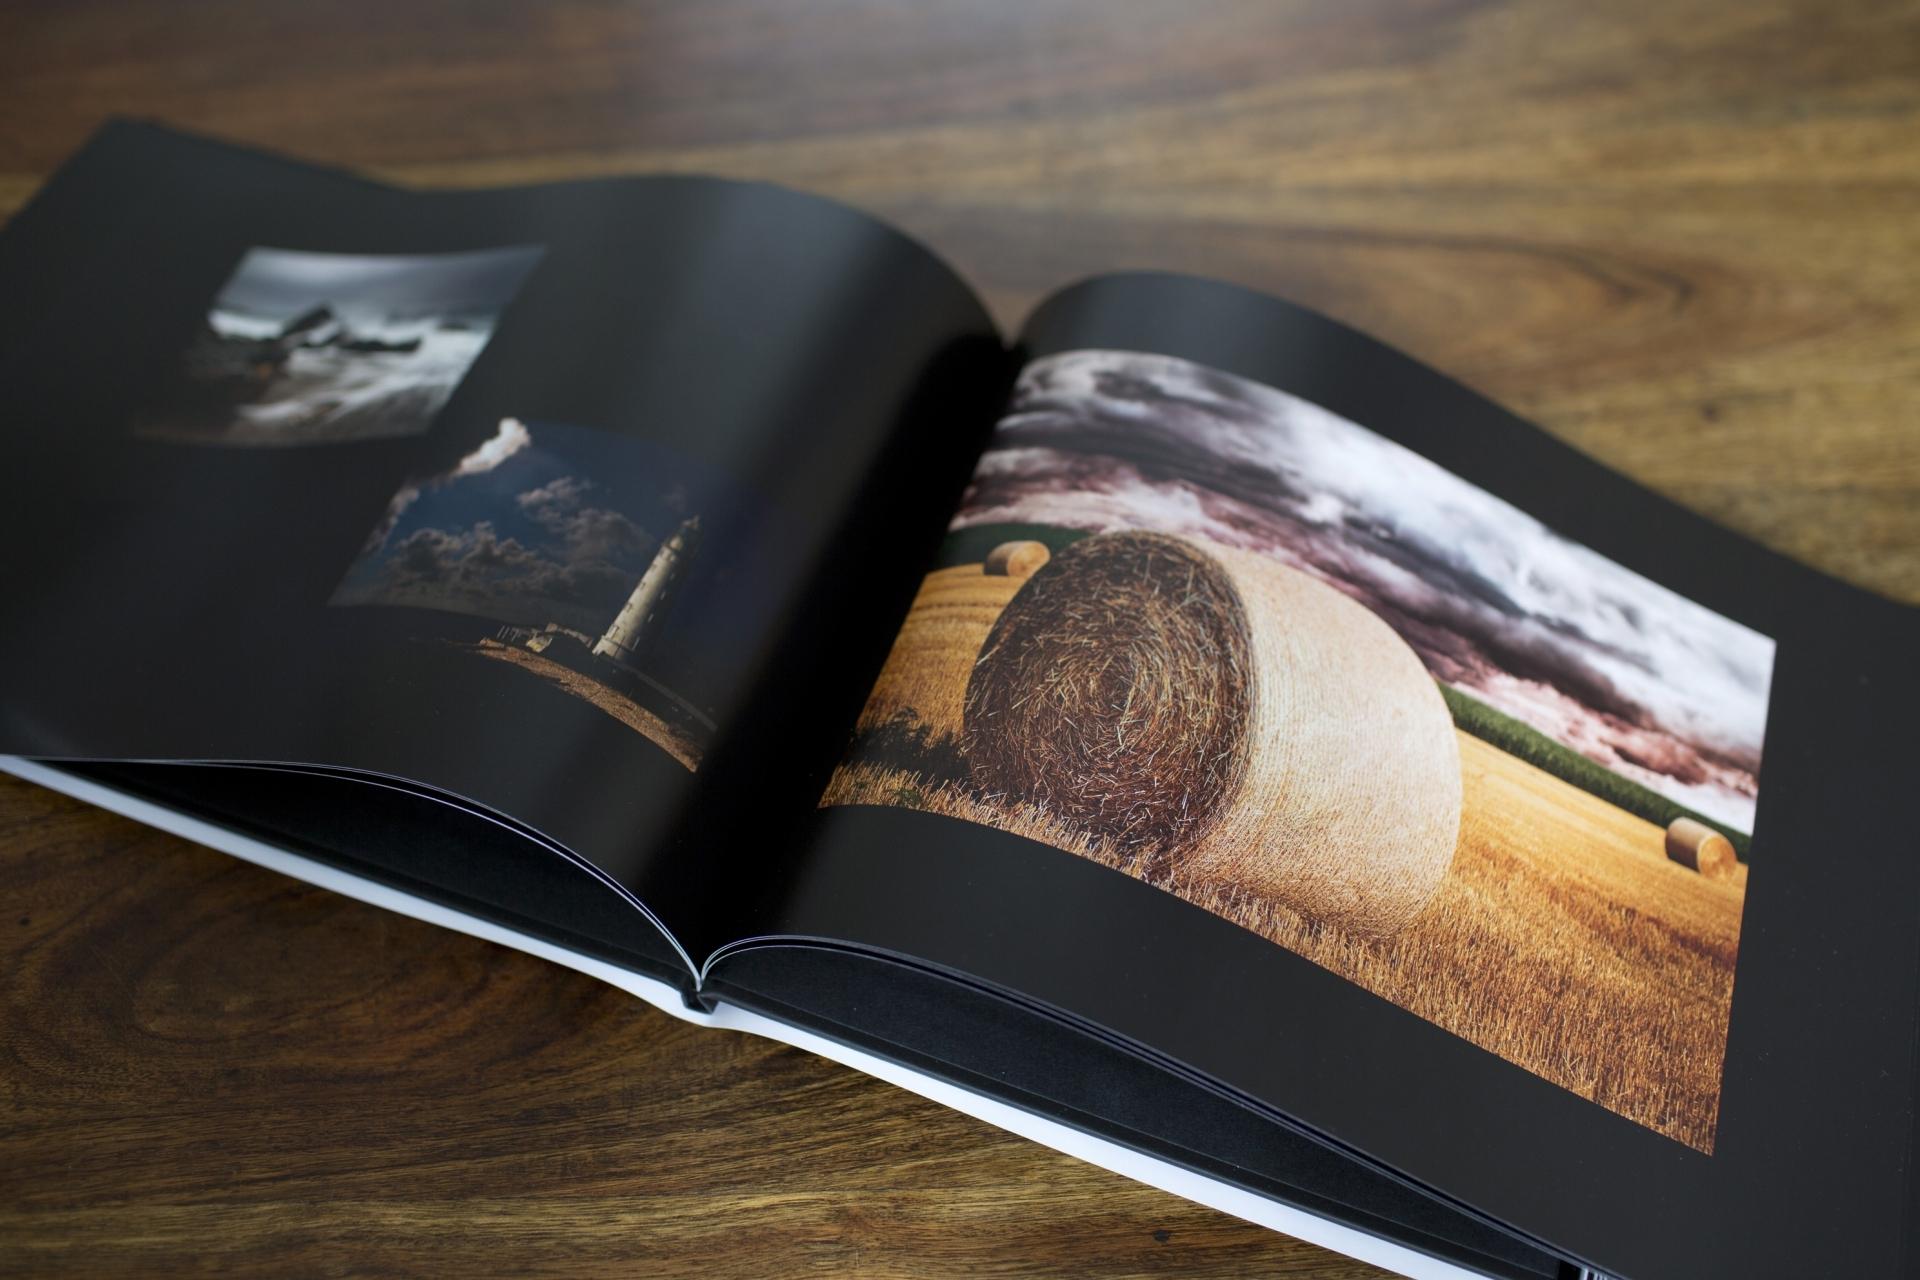 !COPY! Erstellung von HD-Fotobüchern powered by Canon mit der fotobook Software !COPY! - Canon Academy Fotobuch